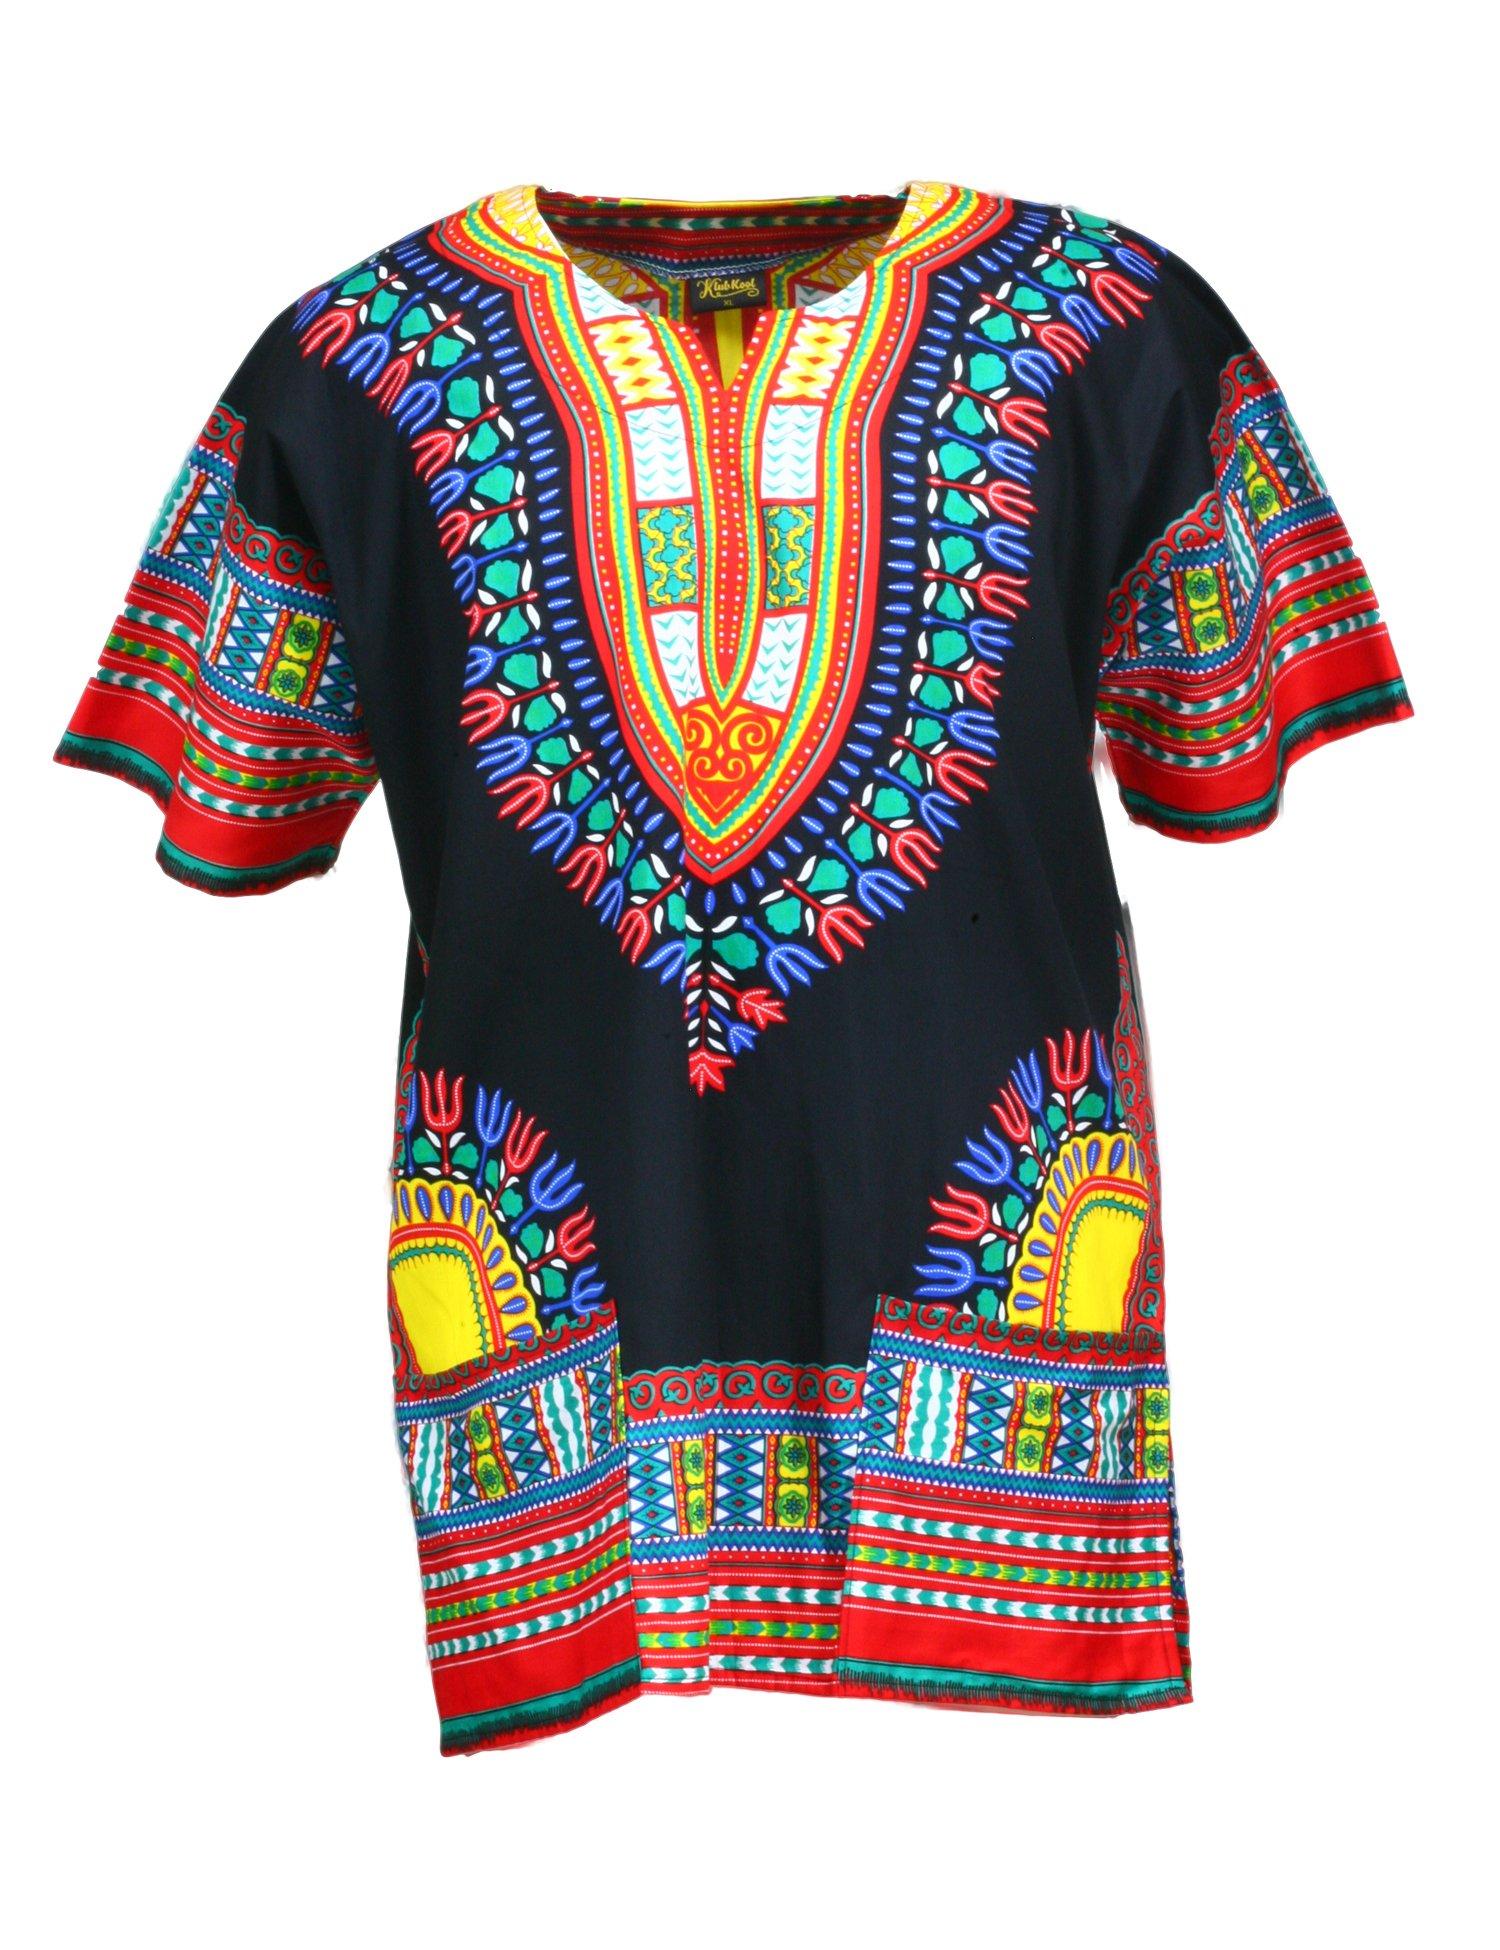 KlubKool Dashiki Shirt Tribal African Caftan Boho Unisex Top Shirt (Black/Red/Yellow,X-Large)